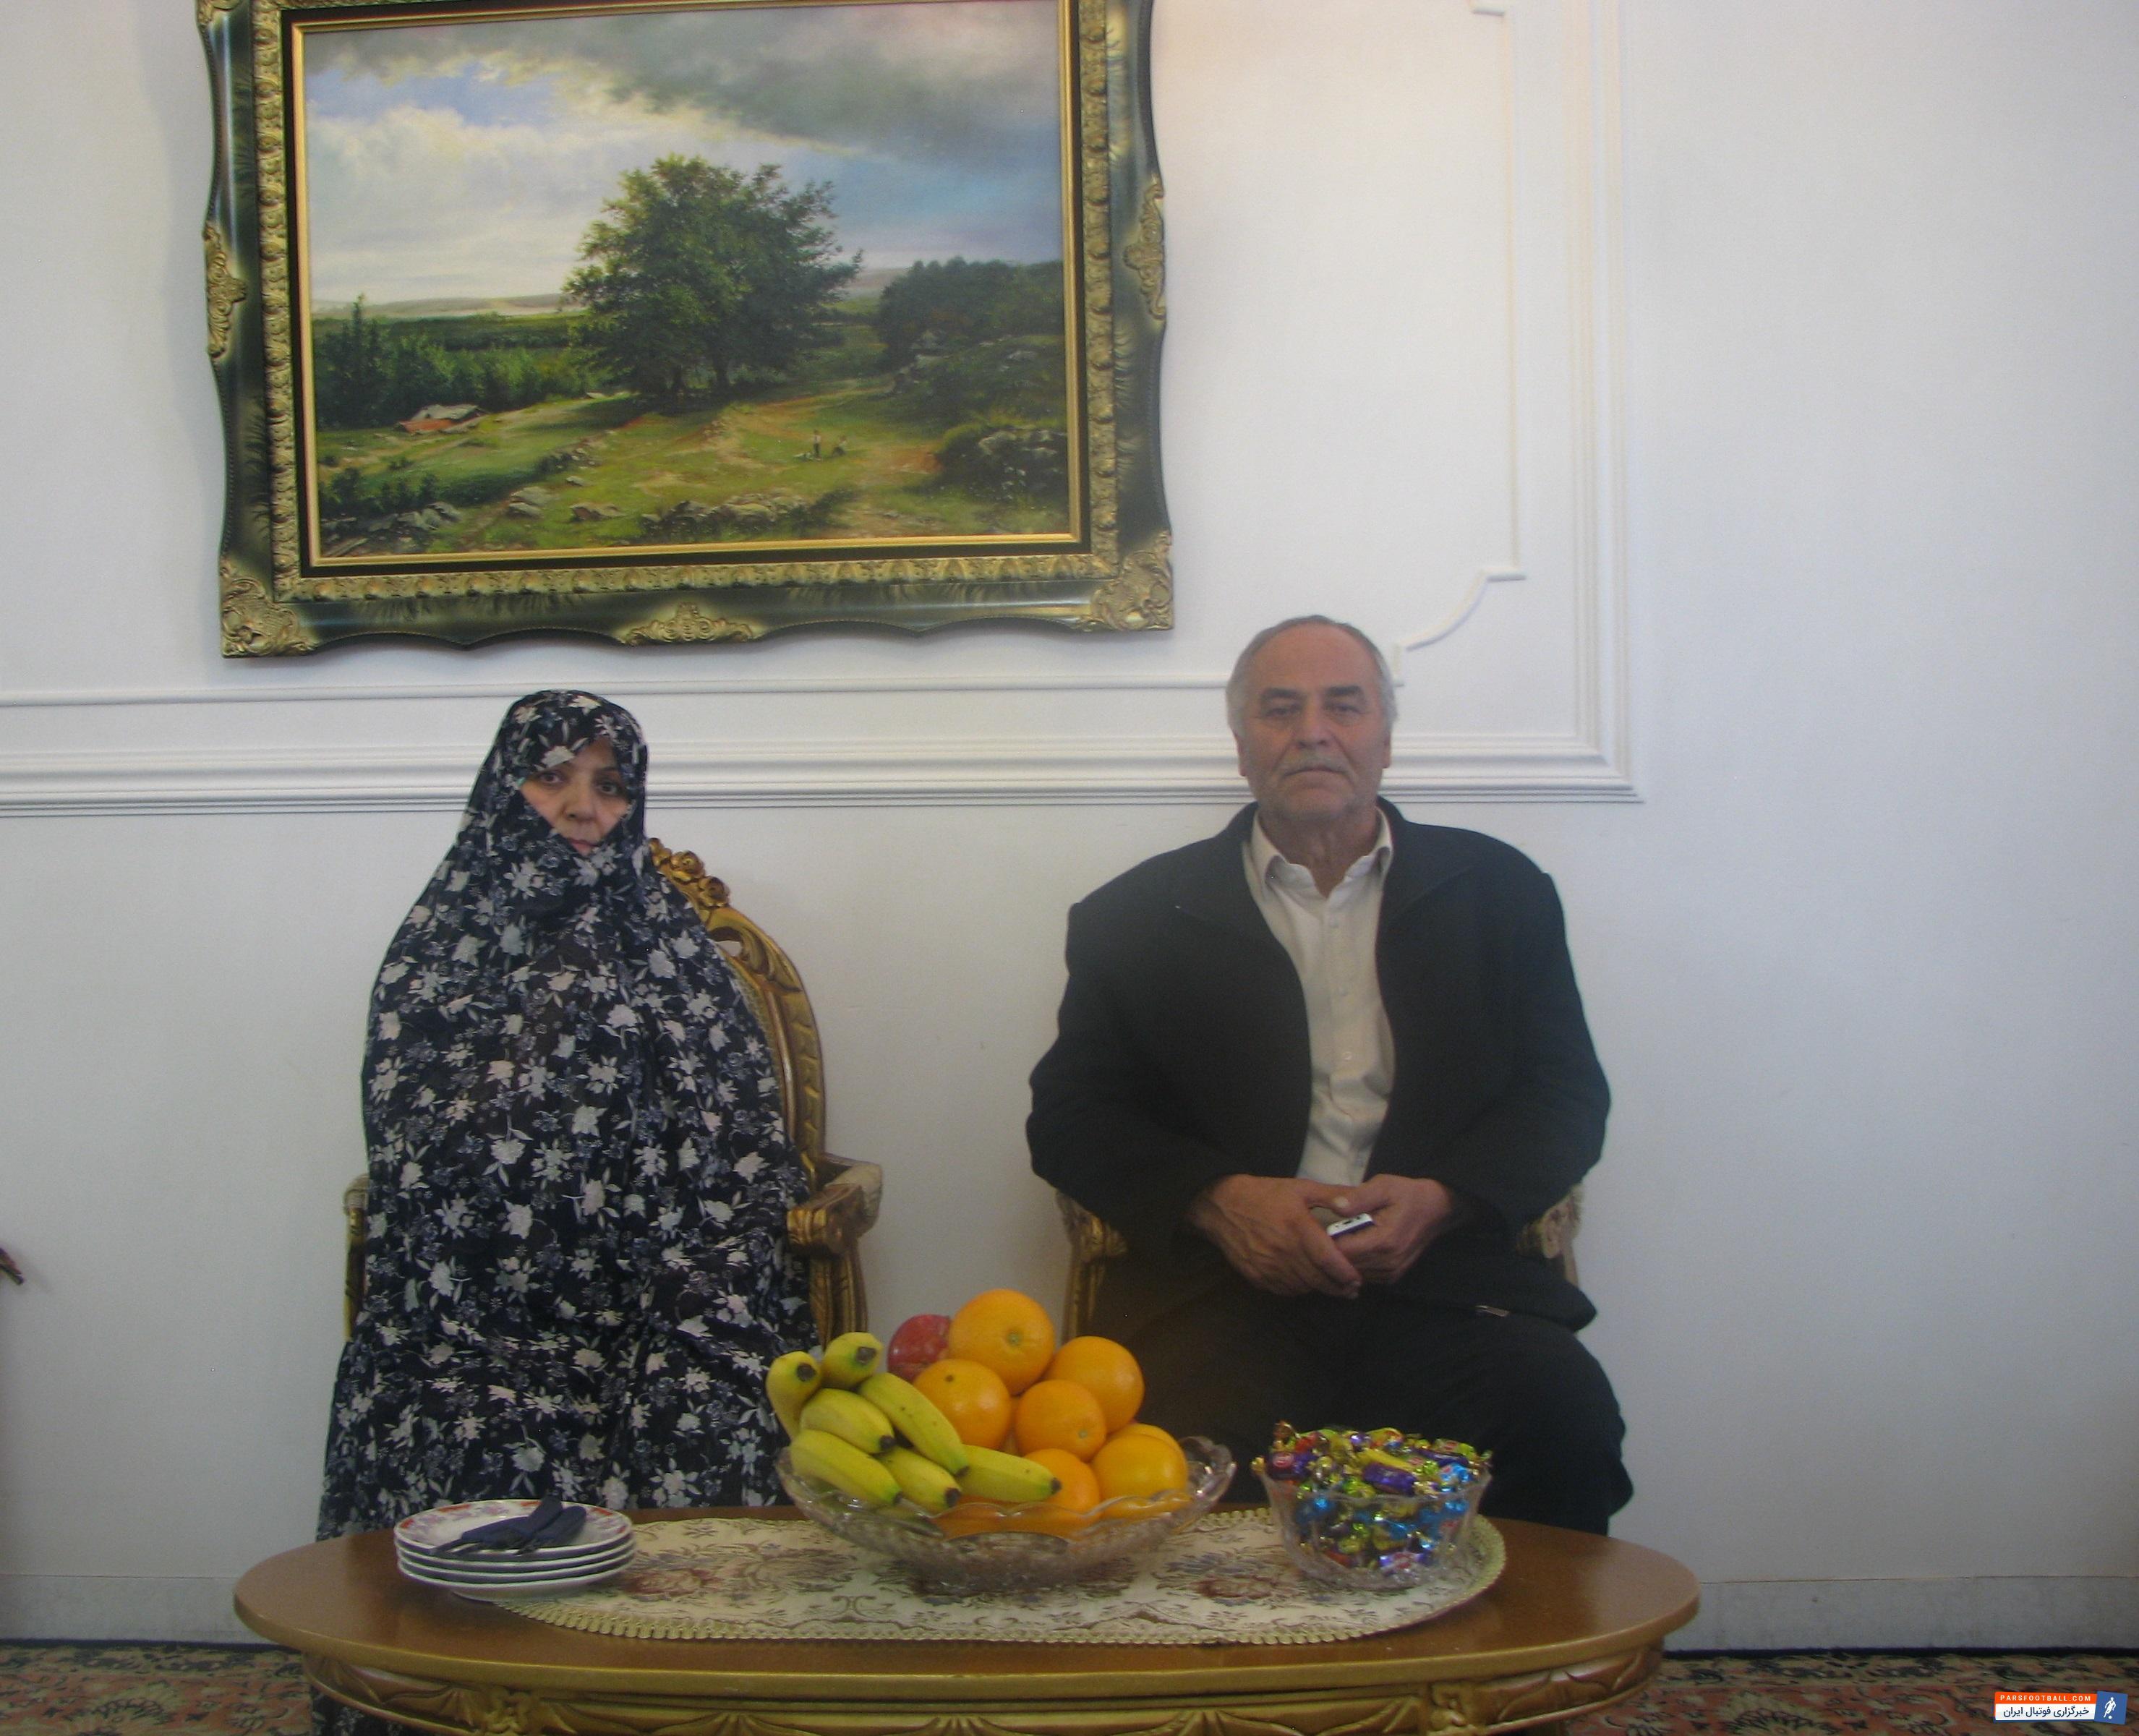 علی حسینی پدیده وزنه برداری جهانی که از دیار قزلباش ها ظهور کرده بود